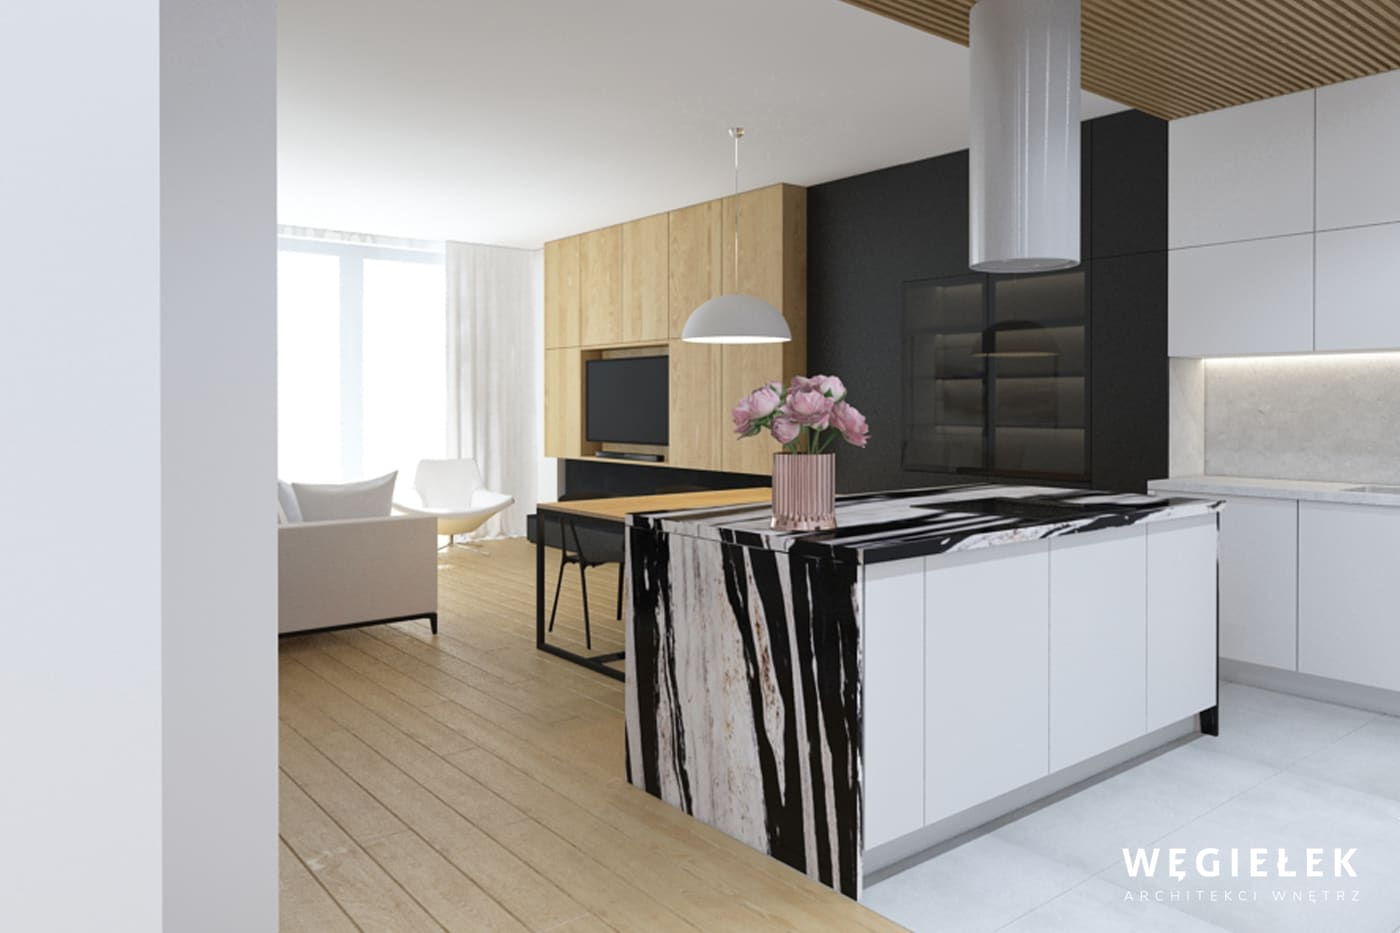 00 salon kuchnia drewniany sufit